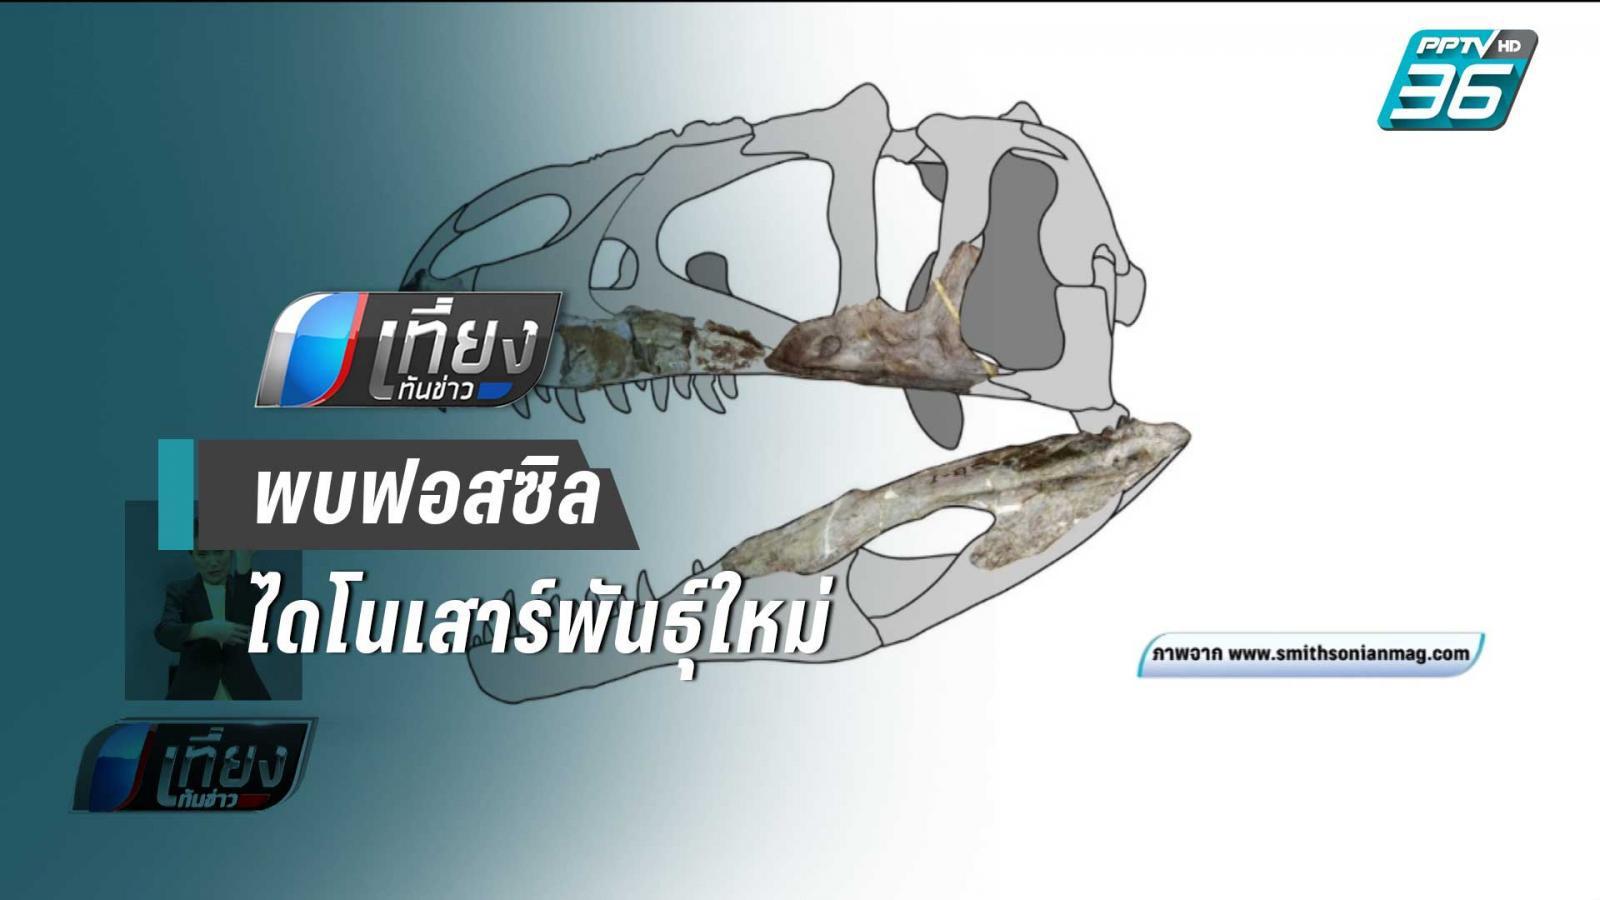 """พบฟอสซิล """"ไดโนเสาร์กินเนื้อพันธุ์ใหม่"""" ของโลกในไทย"""